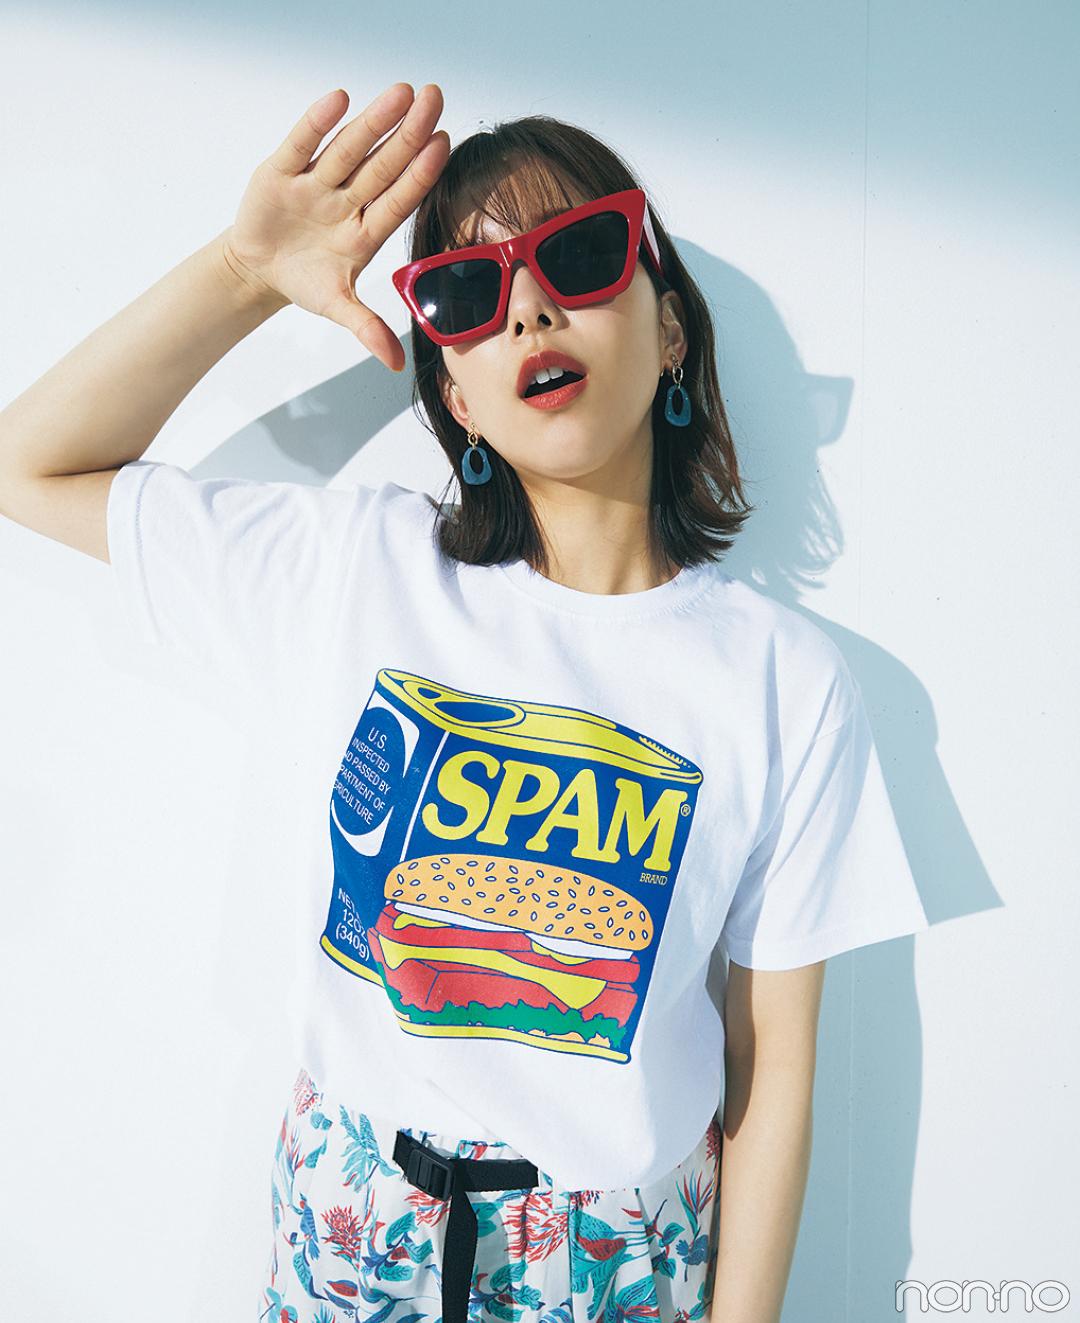 渡邉理佐の毎日Tシャツコーデ 7/5 スパムが発売された日